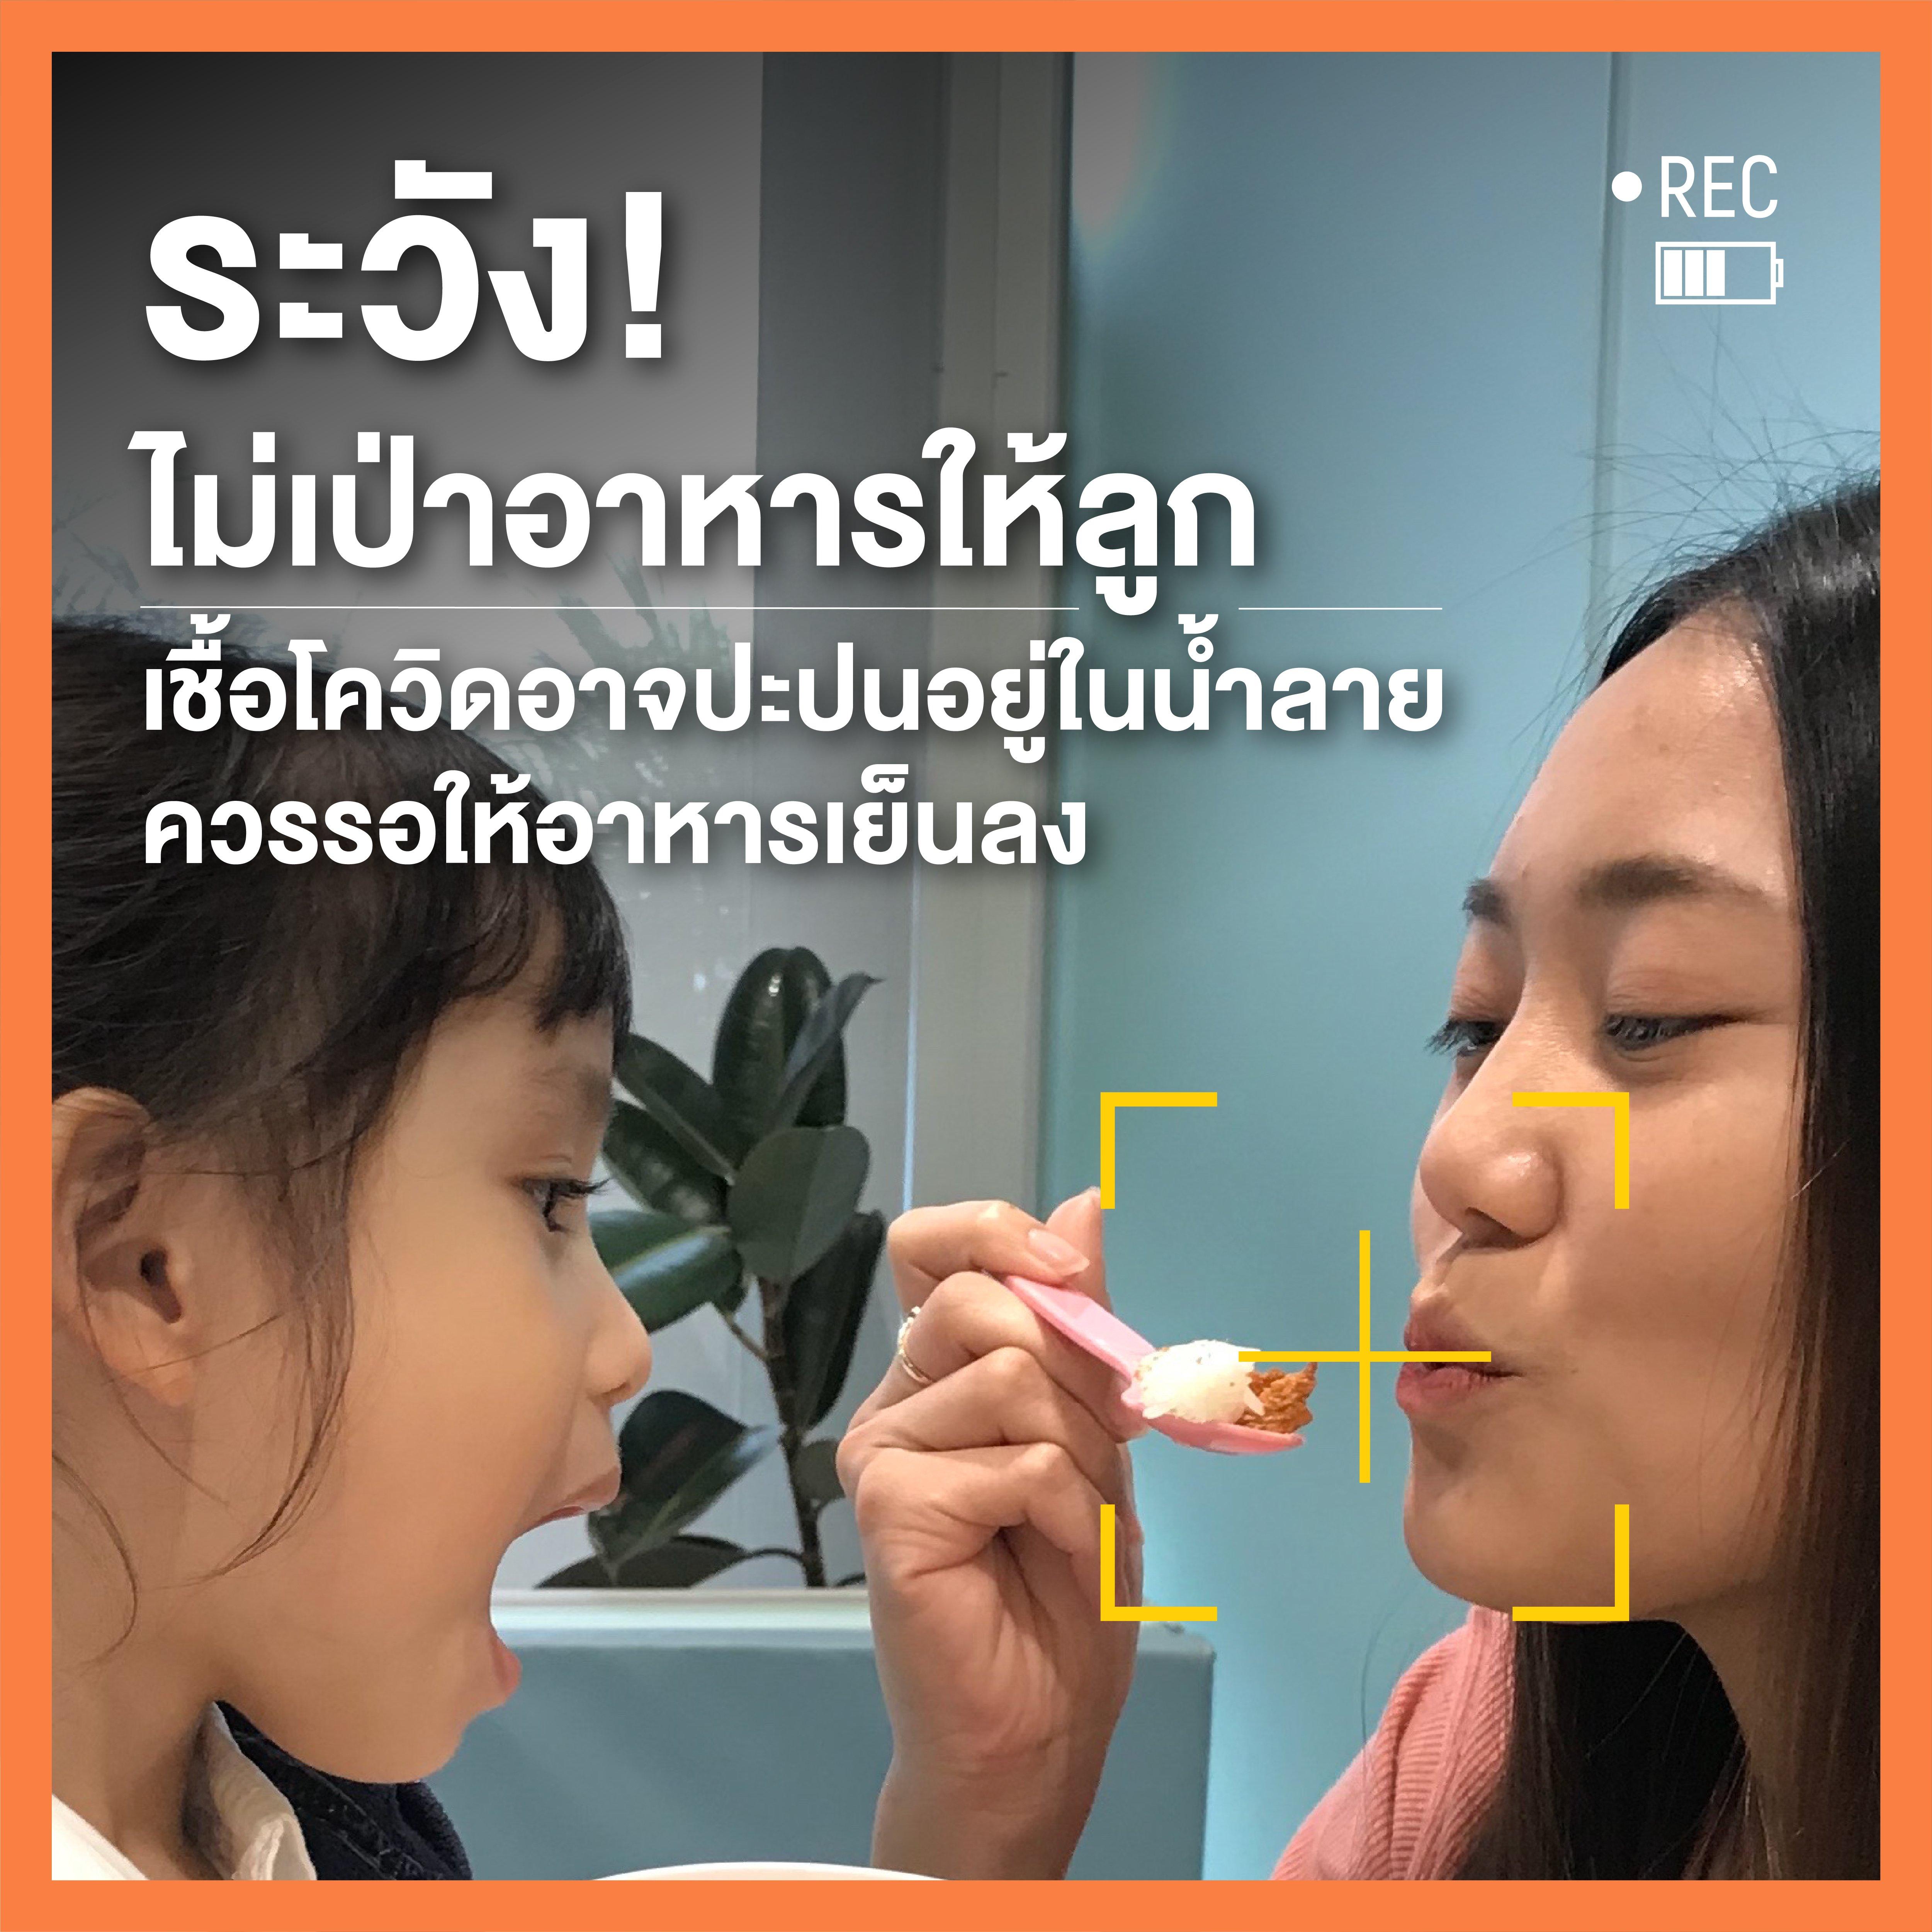 ไม่อยากให้ลูกติดโควิดแบบนี้ พ่อแม่ต้องเพิ่มความระวังอะไรบ้าง thaihealth